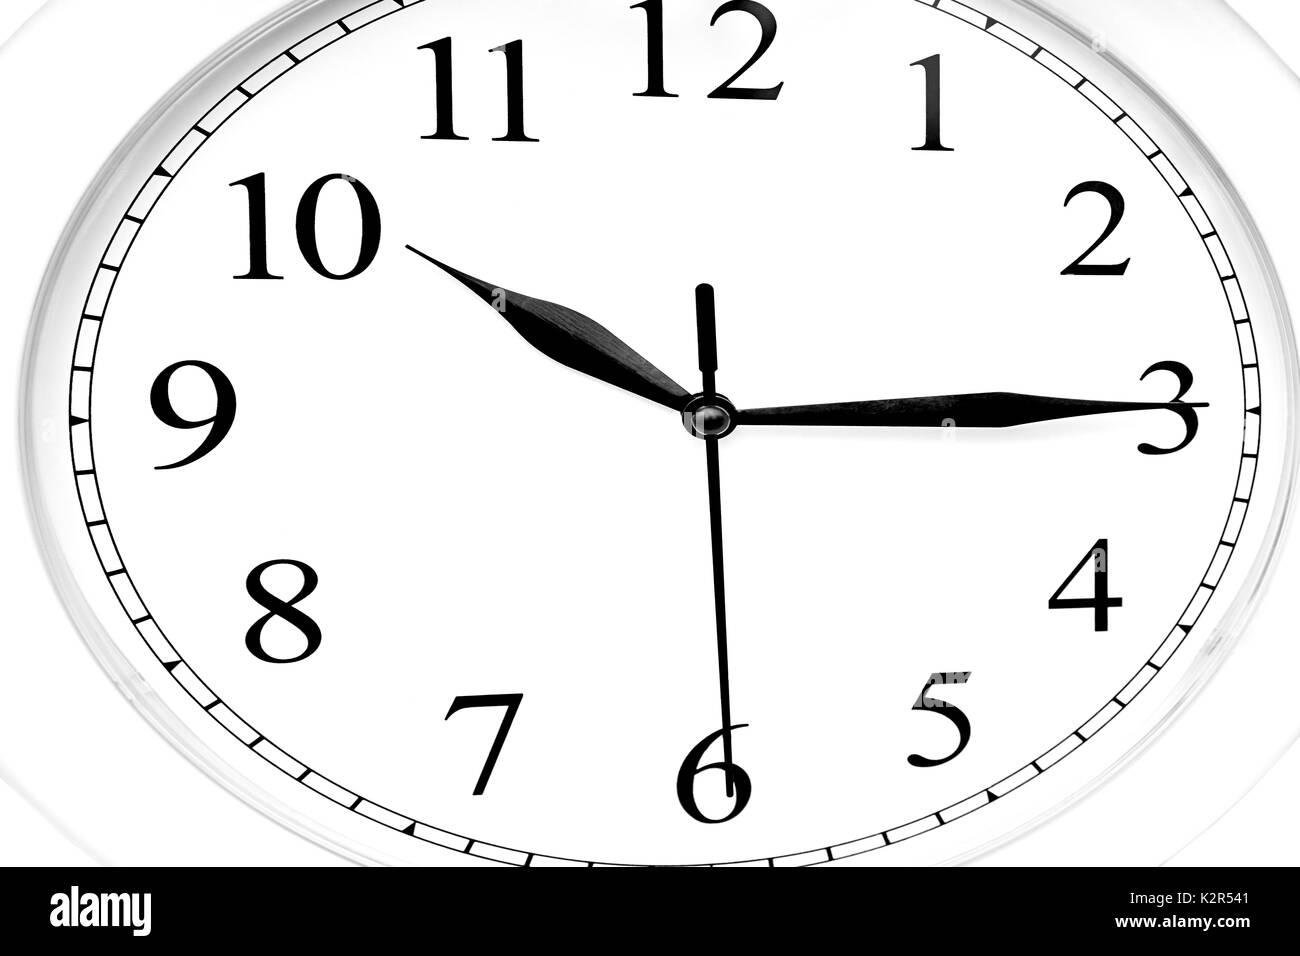 Cierre De Un Reloj Blanco Mostrando La Hora Dez A